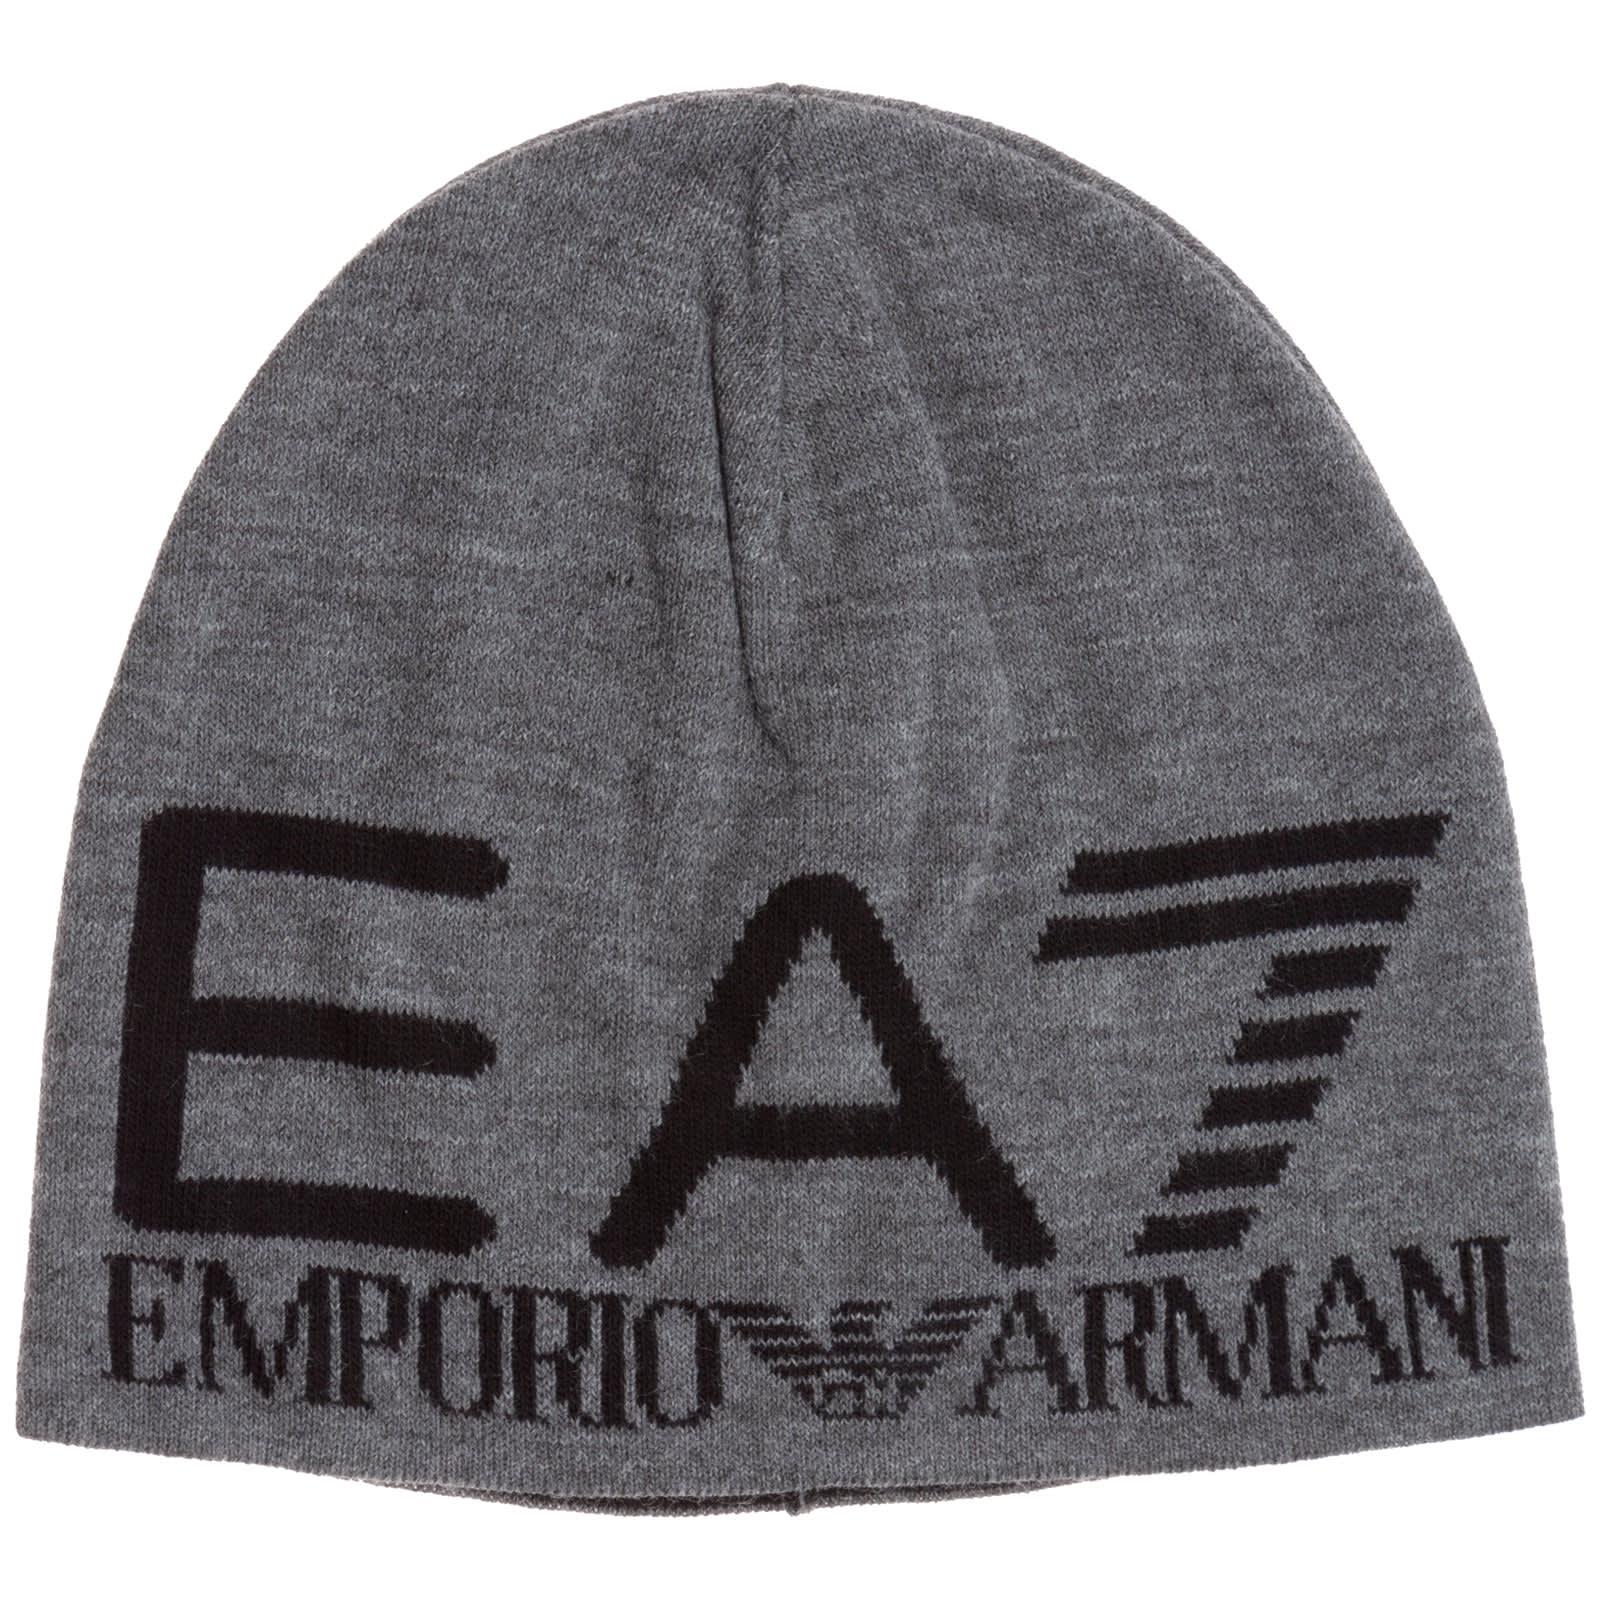 Emporio Armani Ea7 The In Beanie